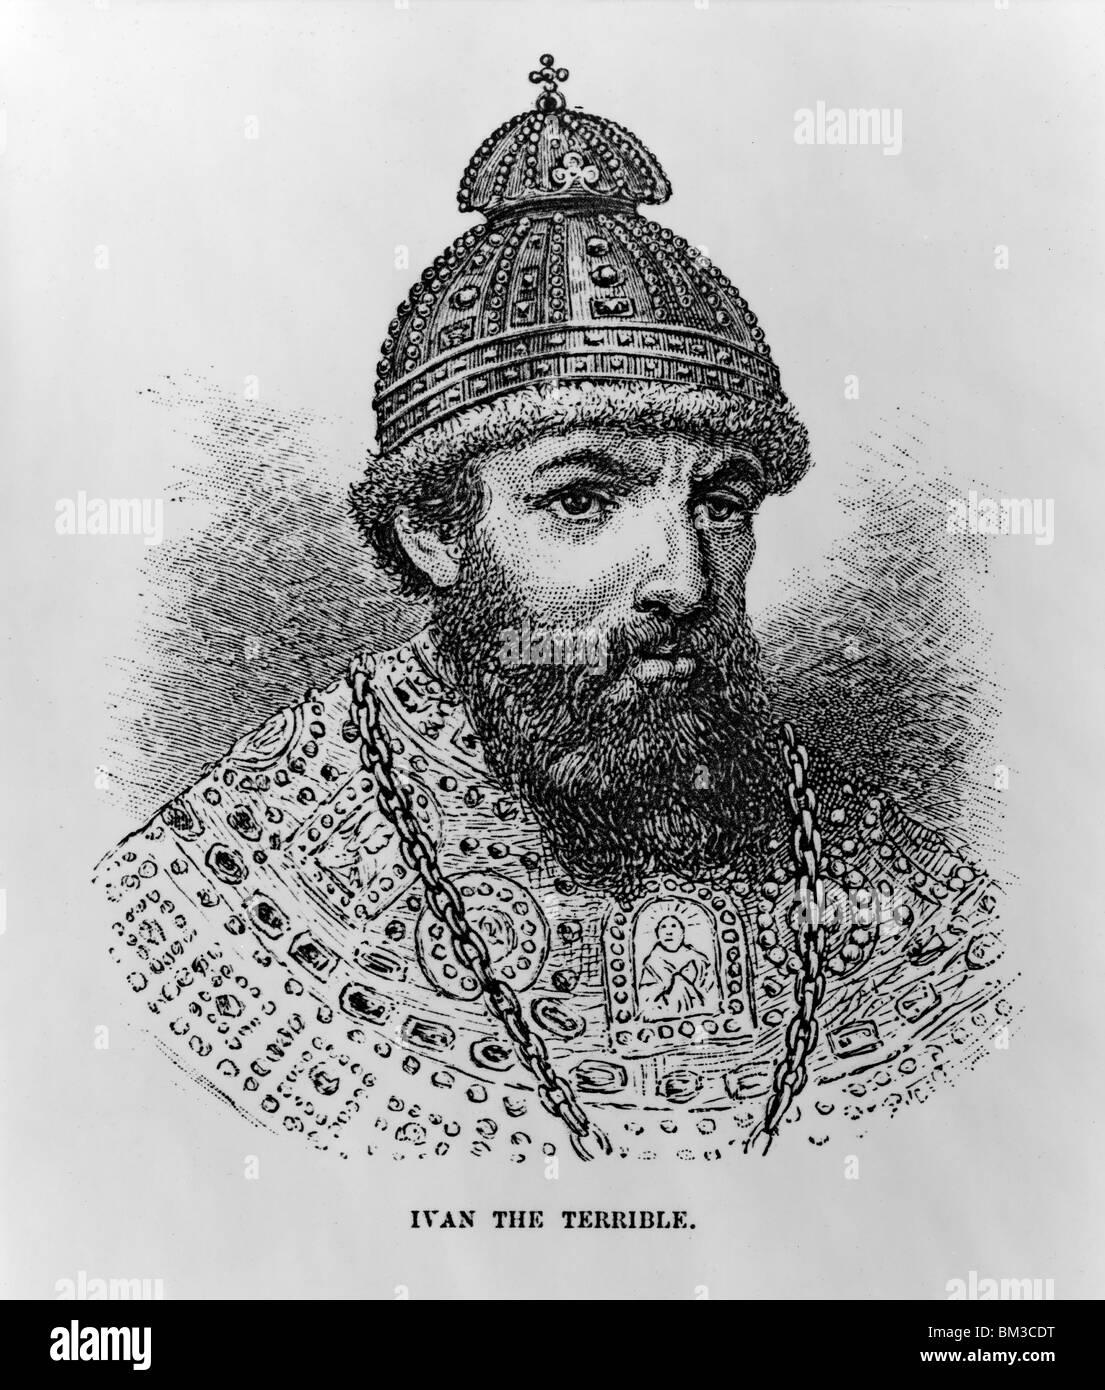 Ivan the Terrible (1530-1584) - Ivan IV, Czar of Russia, head-and-shoulders portrait - Stock Image